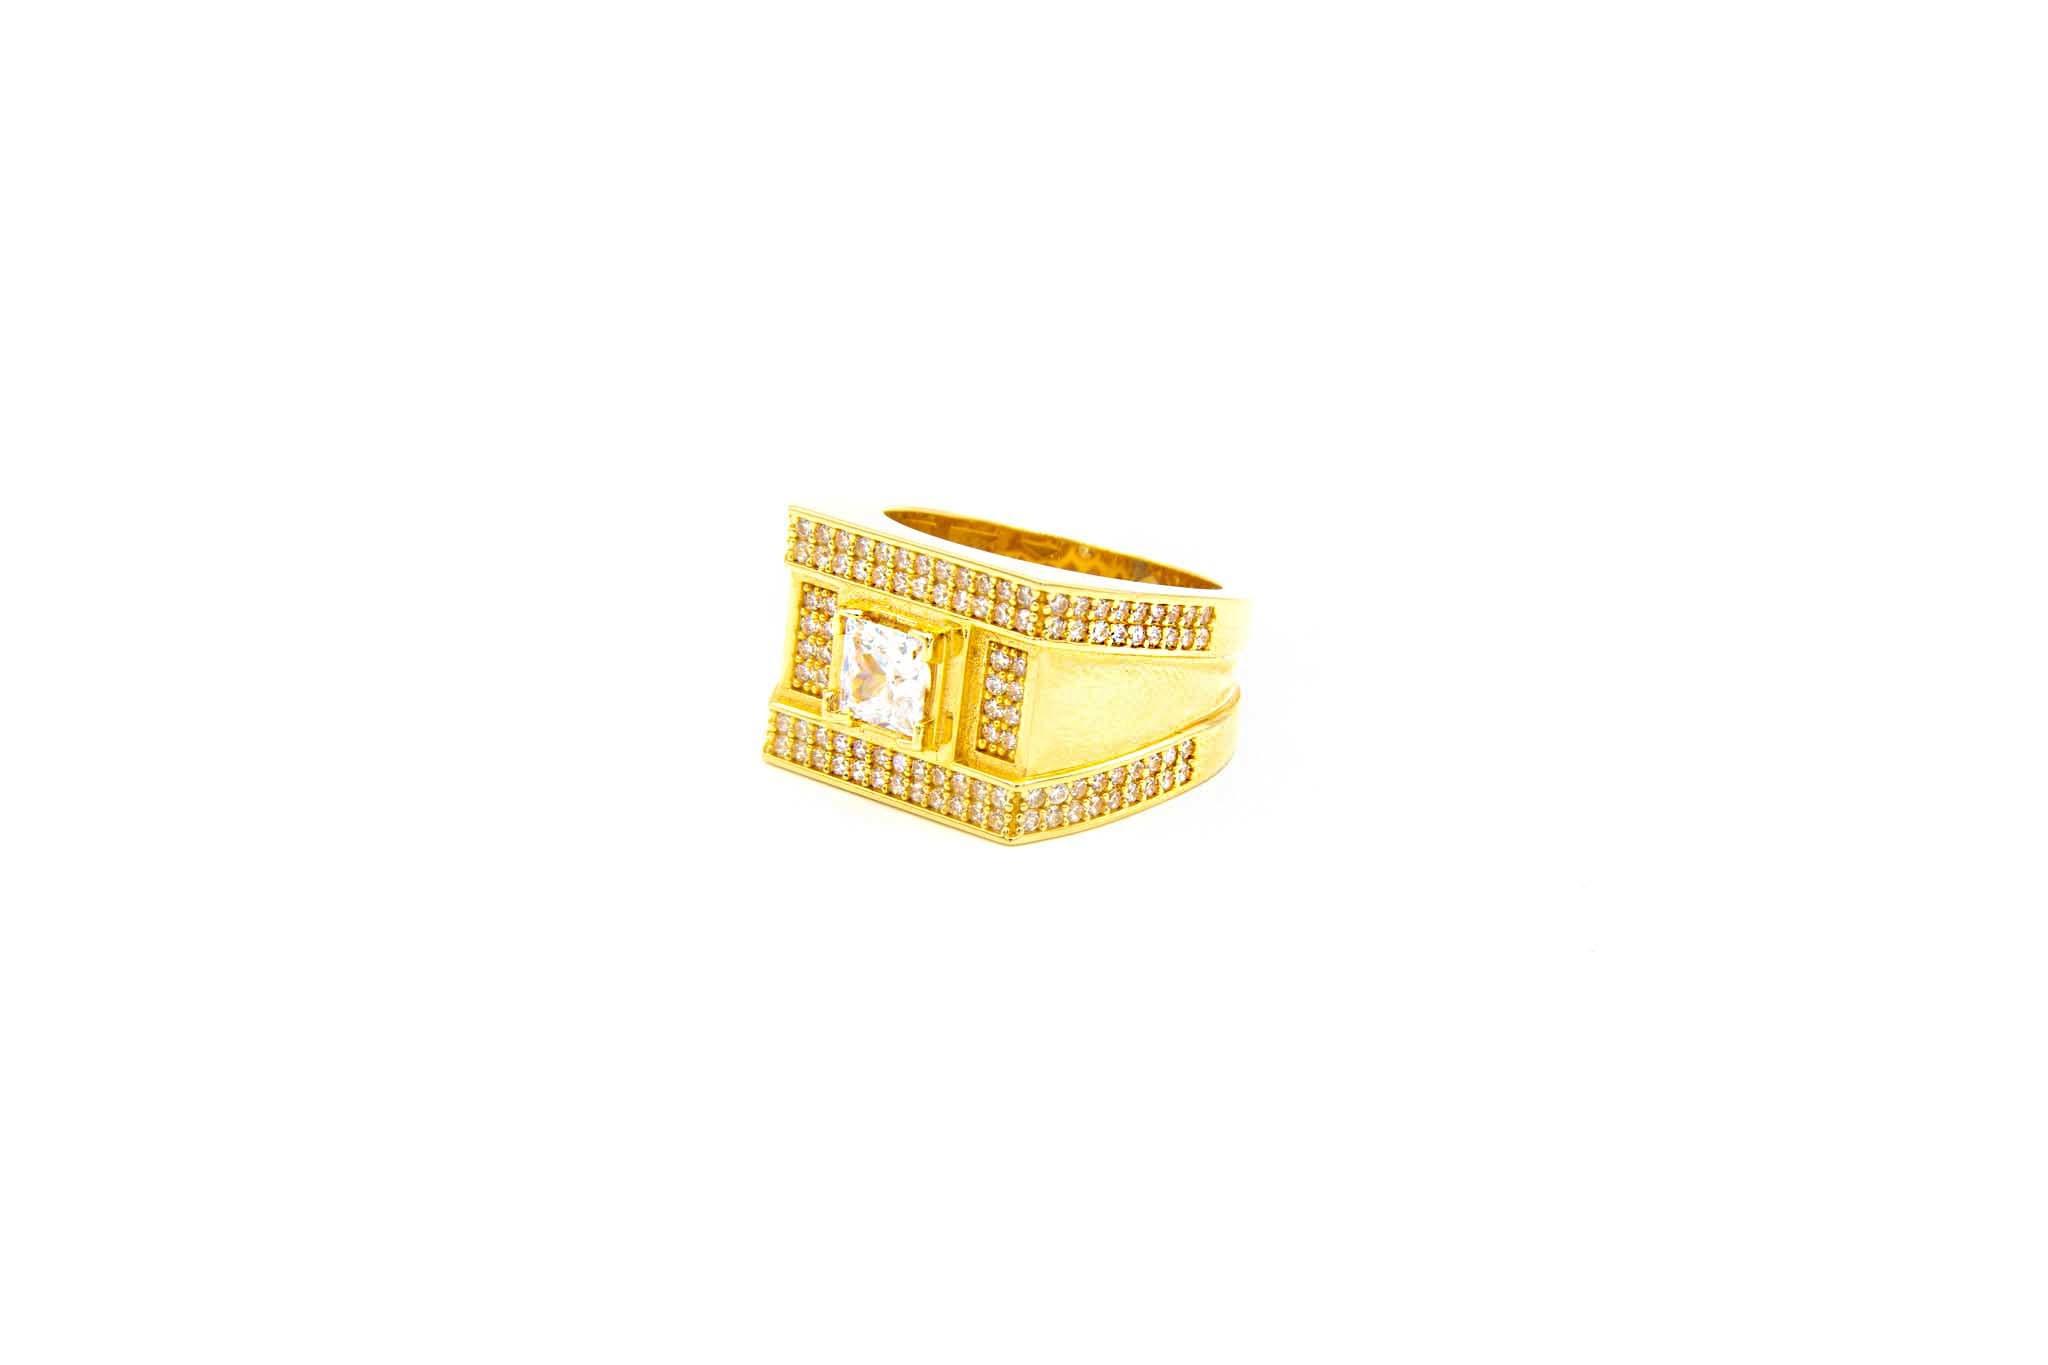 Ring zegel met grote en kleine zirkonia's-2